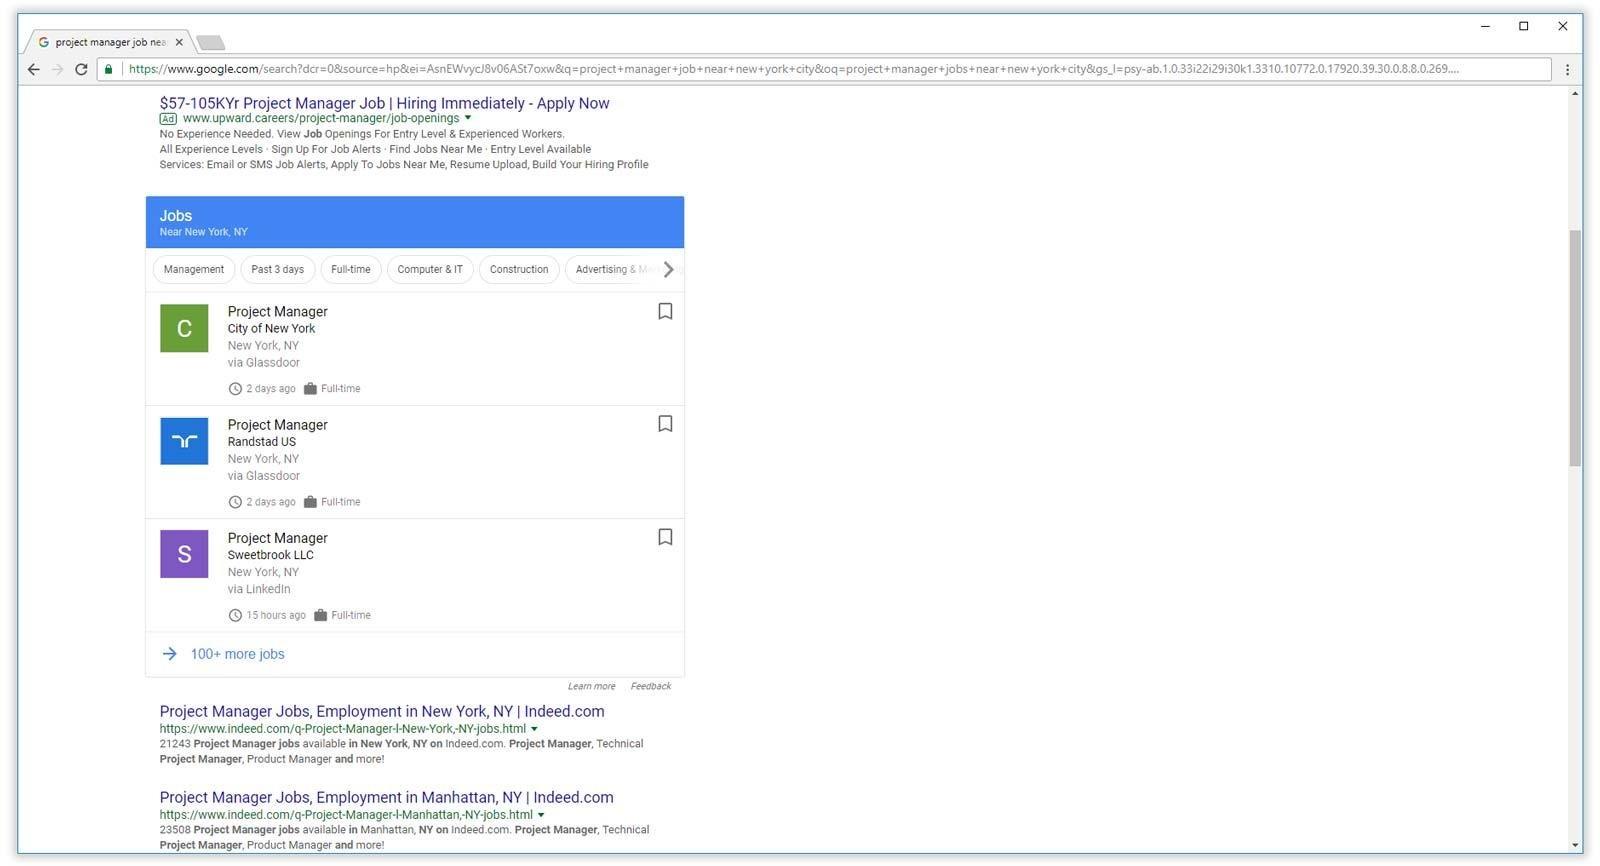 google para trabajos que se muestran en los resultados de búsqueda